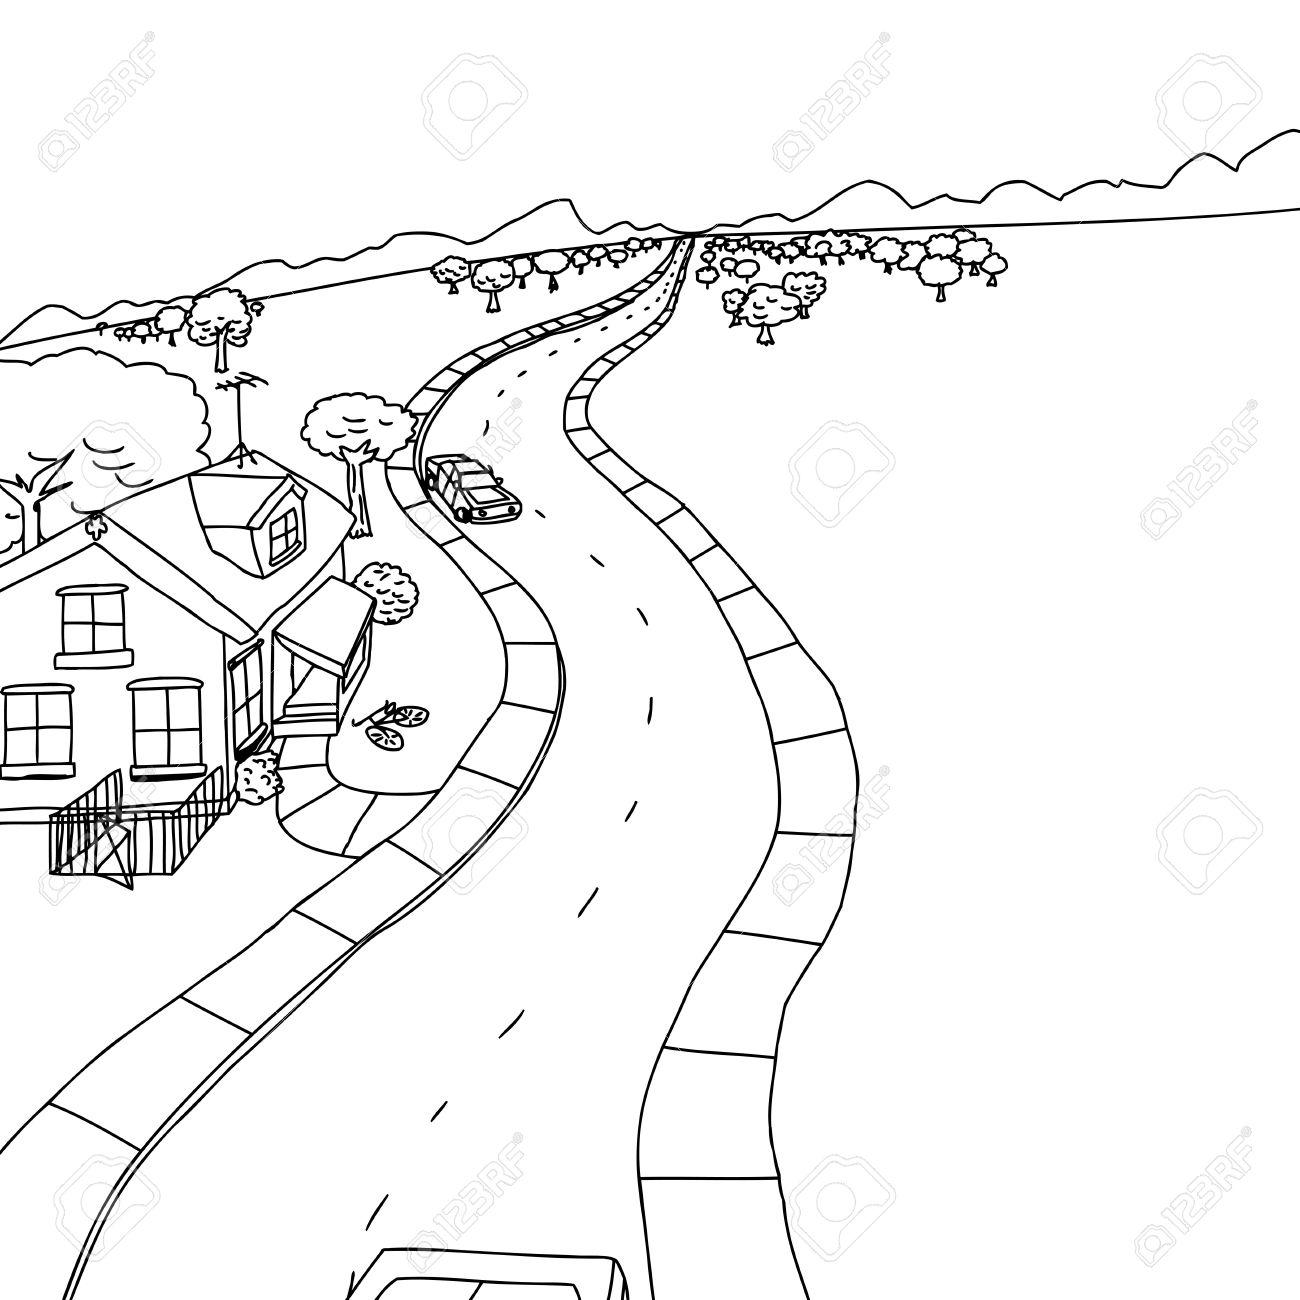 Dessin De Route décrivez le dessin de la maison avec des arbres le long de la route